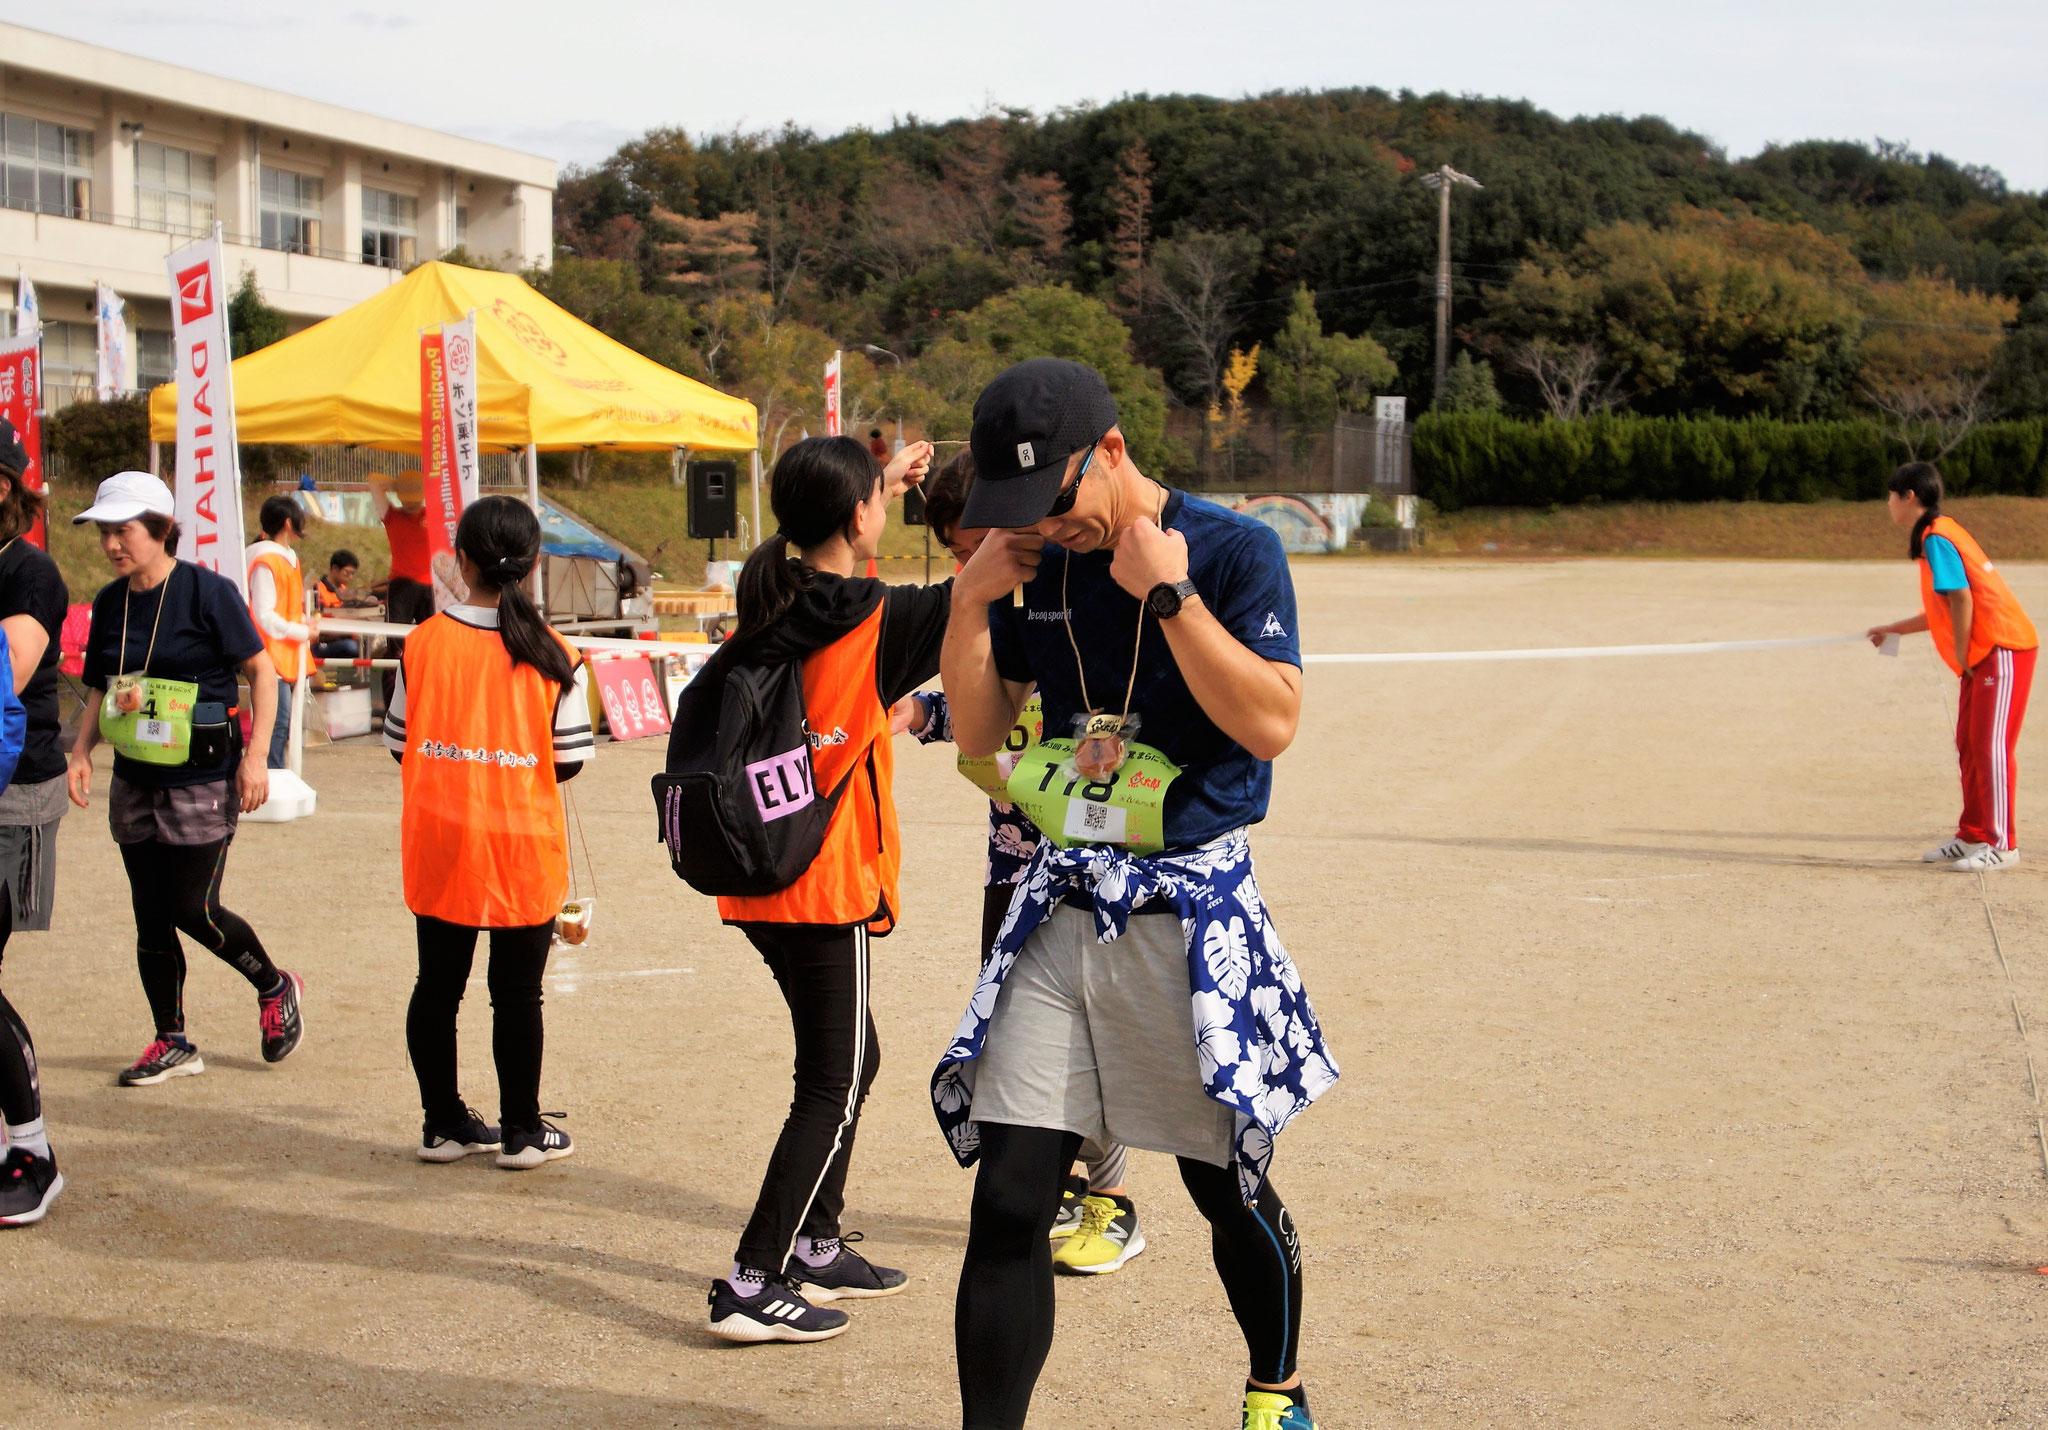 ゴール後、魚太郎さんのアイデア、どら焼きメダルを、布土小学校の子どもにかけてもらいました。